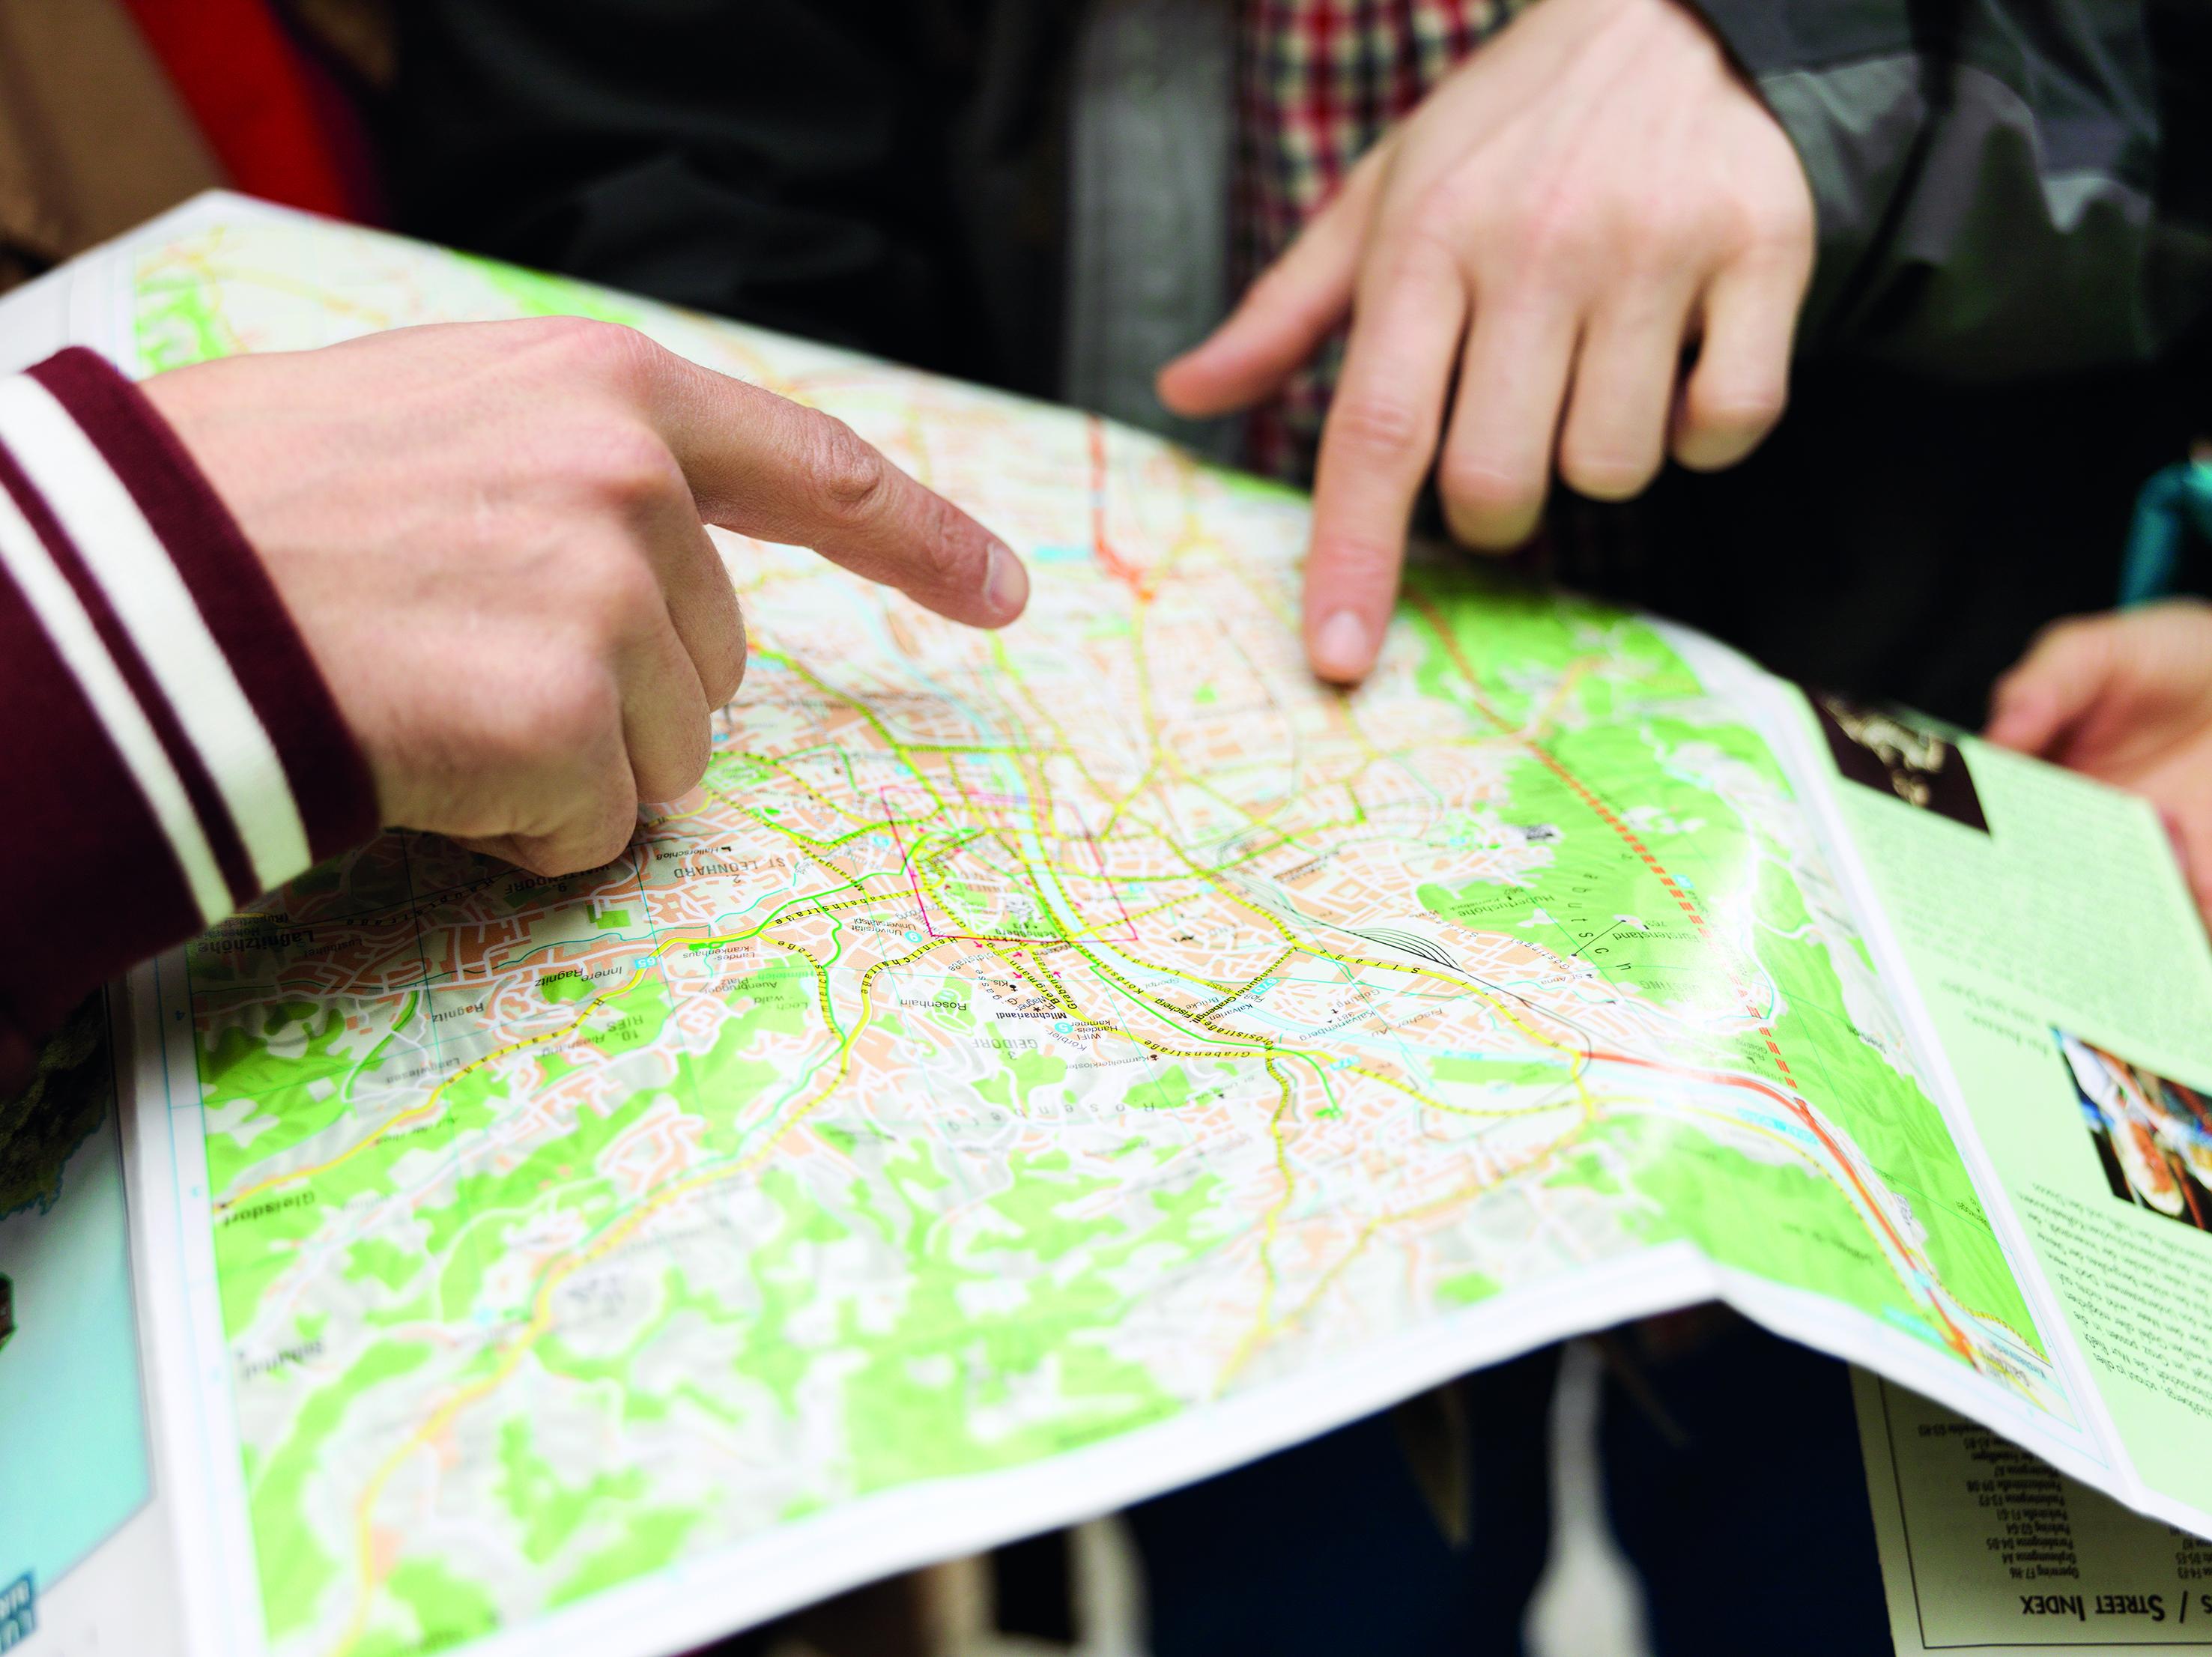 Desna i lijeva ruka dvojice muškaraca pokazuje dva mjesta na papirnoj mapi grada